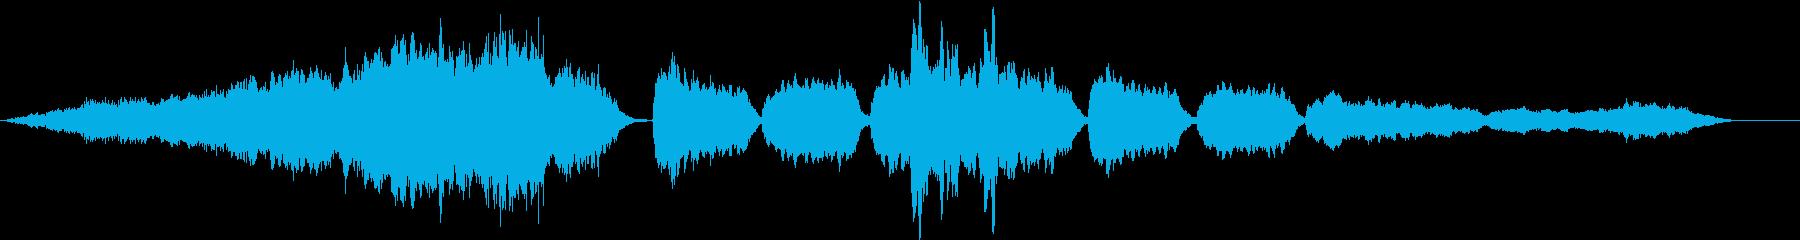 エピローグの始まりを予感させる優しい旋律の再生済みの波形